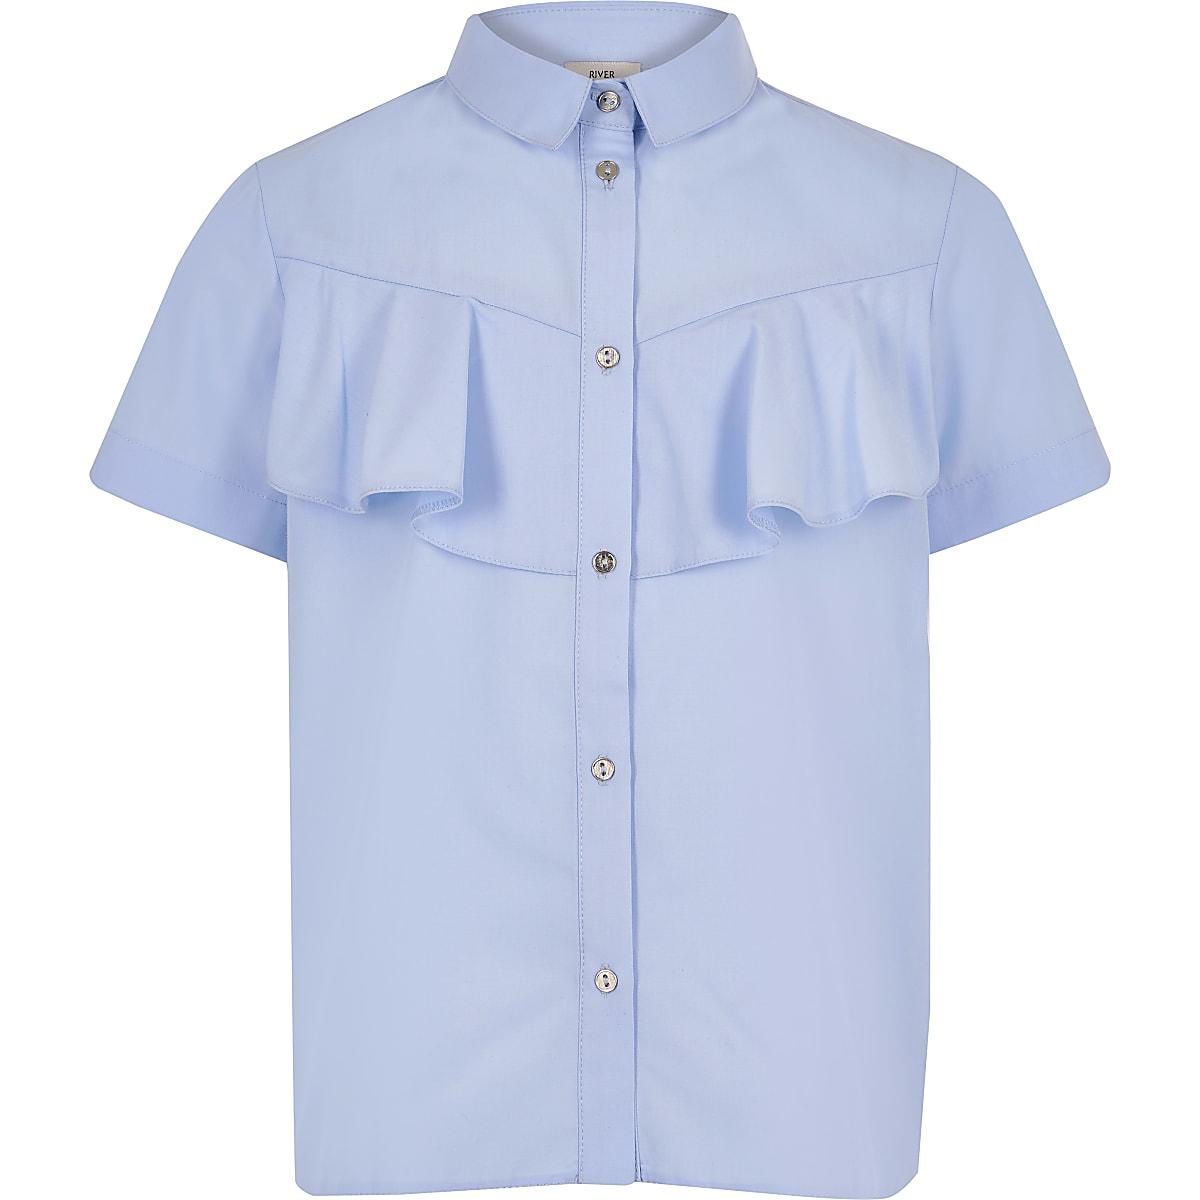 Girls blue poplin shirt